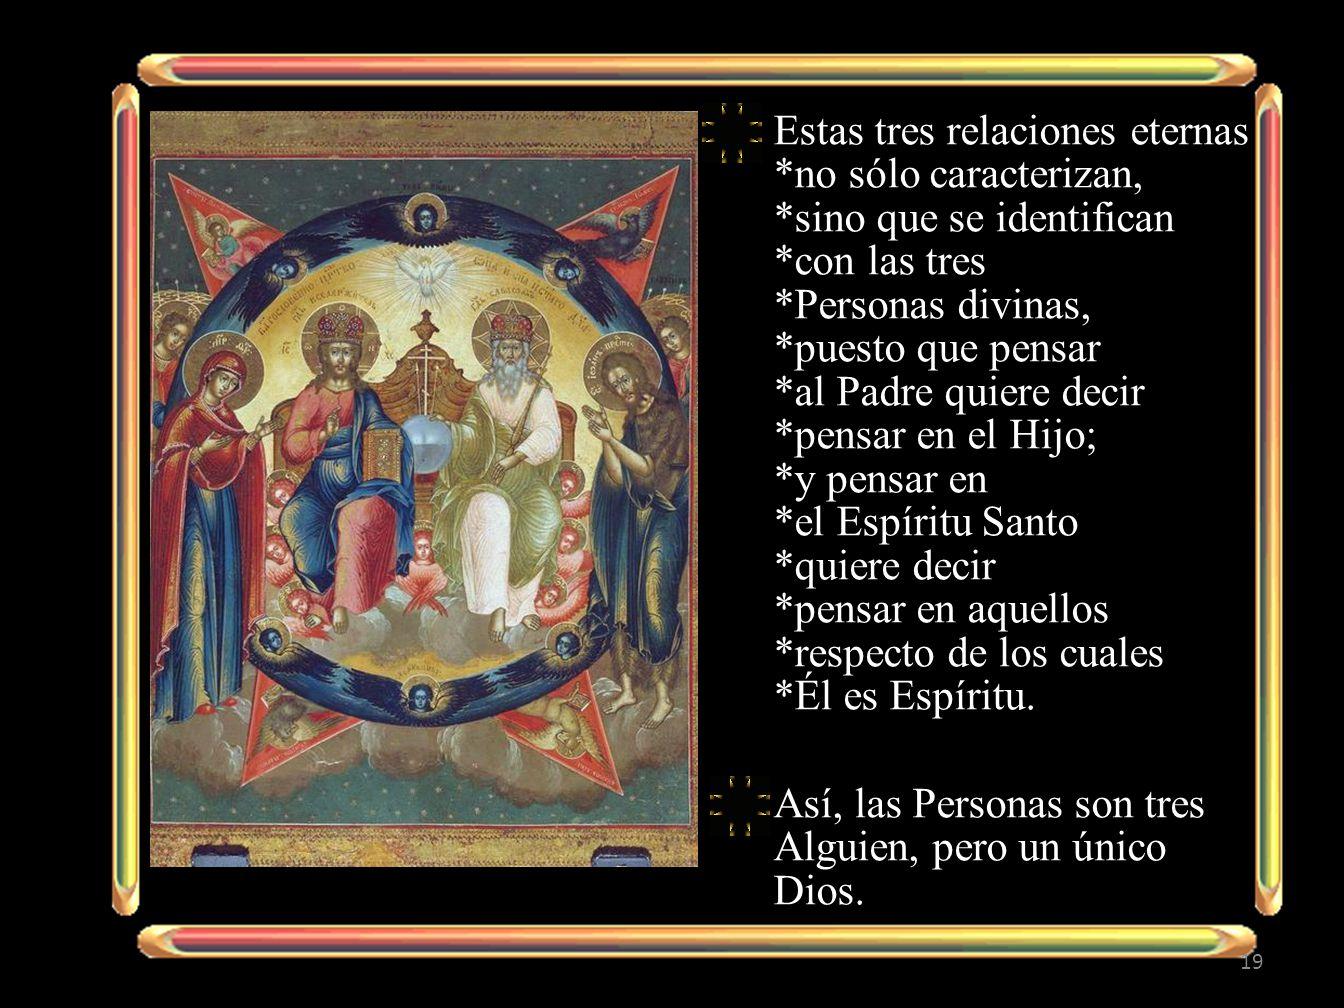 Estas tres relaciones eternas *no sólo caracterizan, *sino que se identifican *con las tres *Personas divinas, *puesto que pensar *al Padre quiere decir *pensar en el Hijo; *y pensar en *el Espíritu Santo *quiere decir *pensar en aquellos *respecto de los cuales *Él es Espíritu.